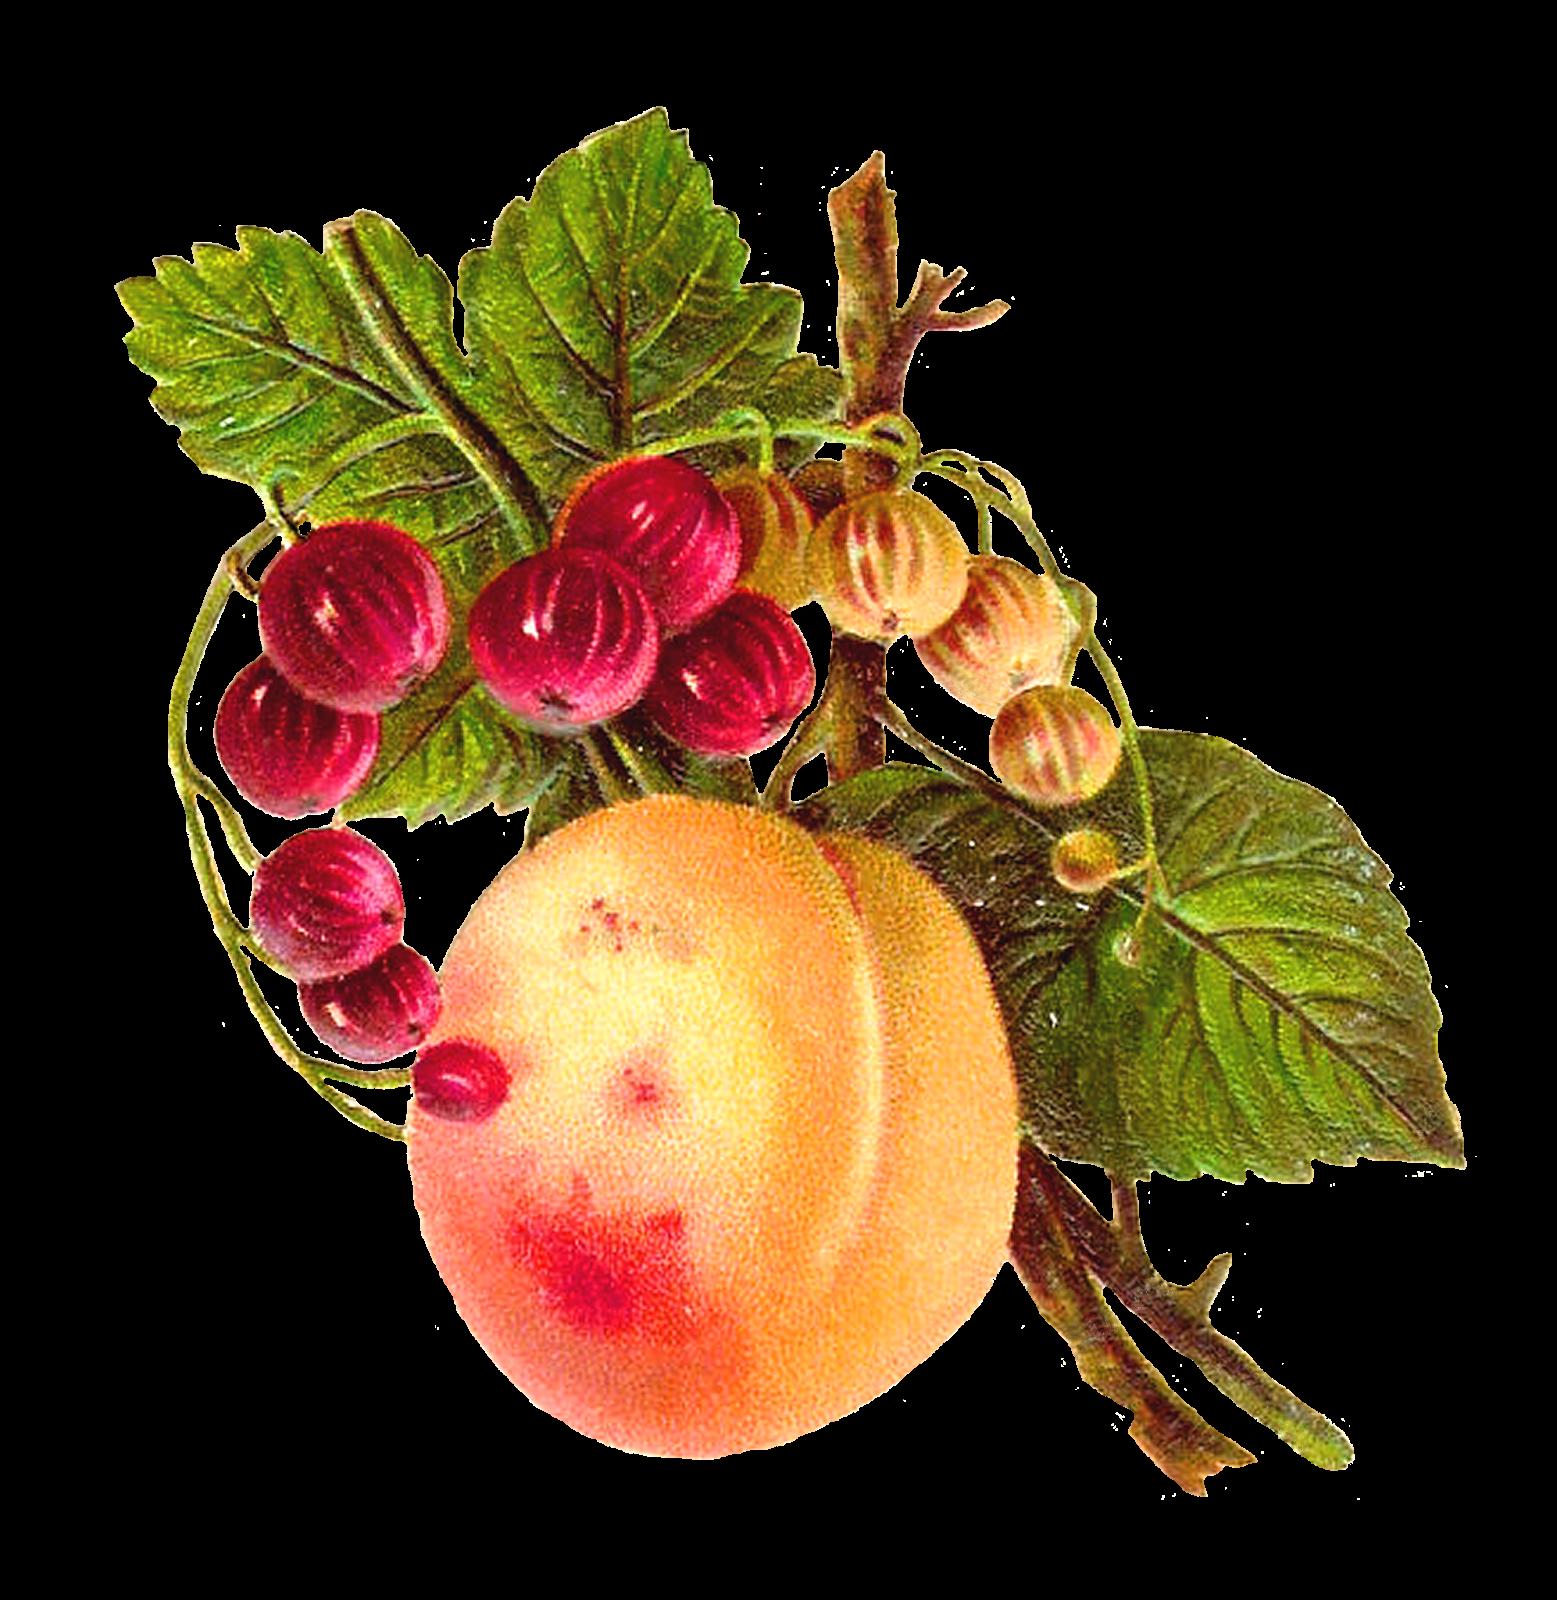 Peach clipart vintage peach. Antique images botanical fruit